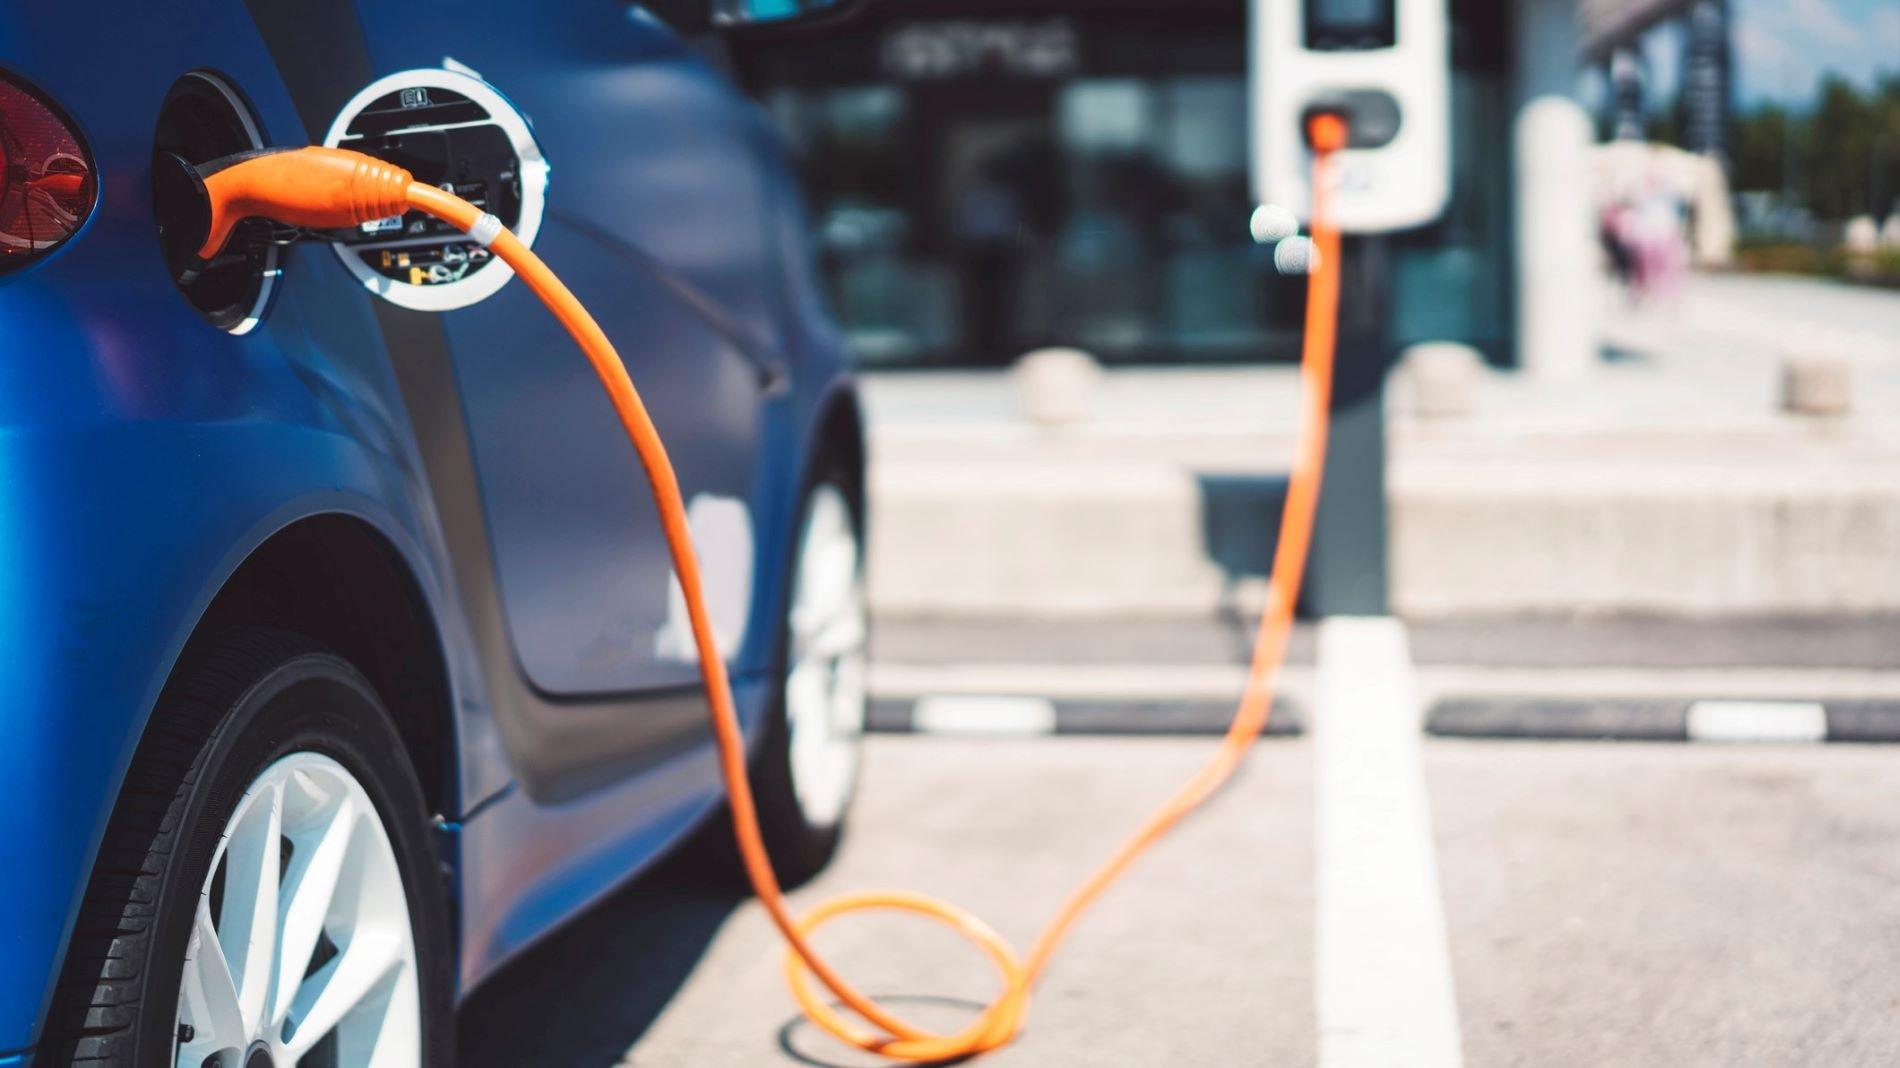 elektromobil, dobíjanie elektromobilu, elektrické auto, hybridné vozidlo vs elektrické auto, modré auto